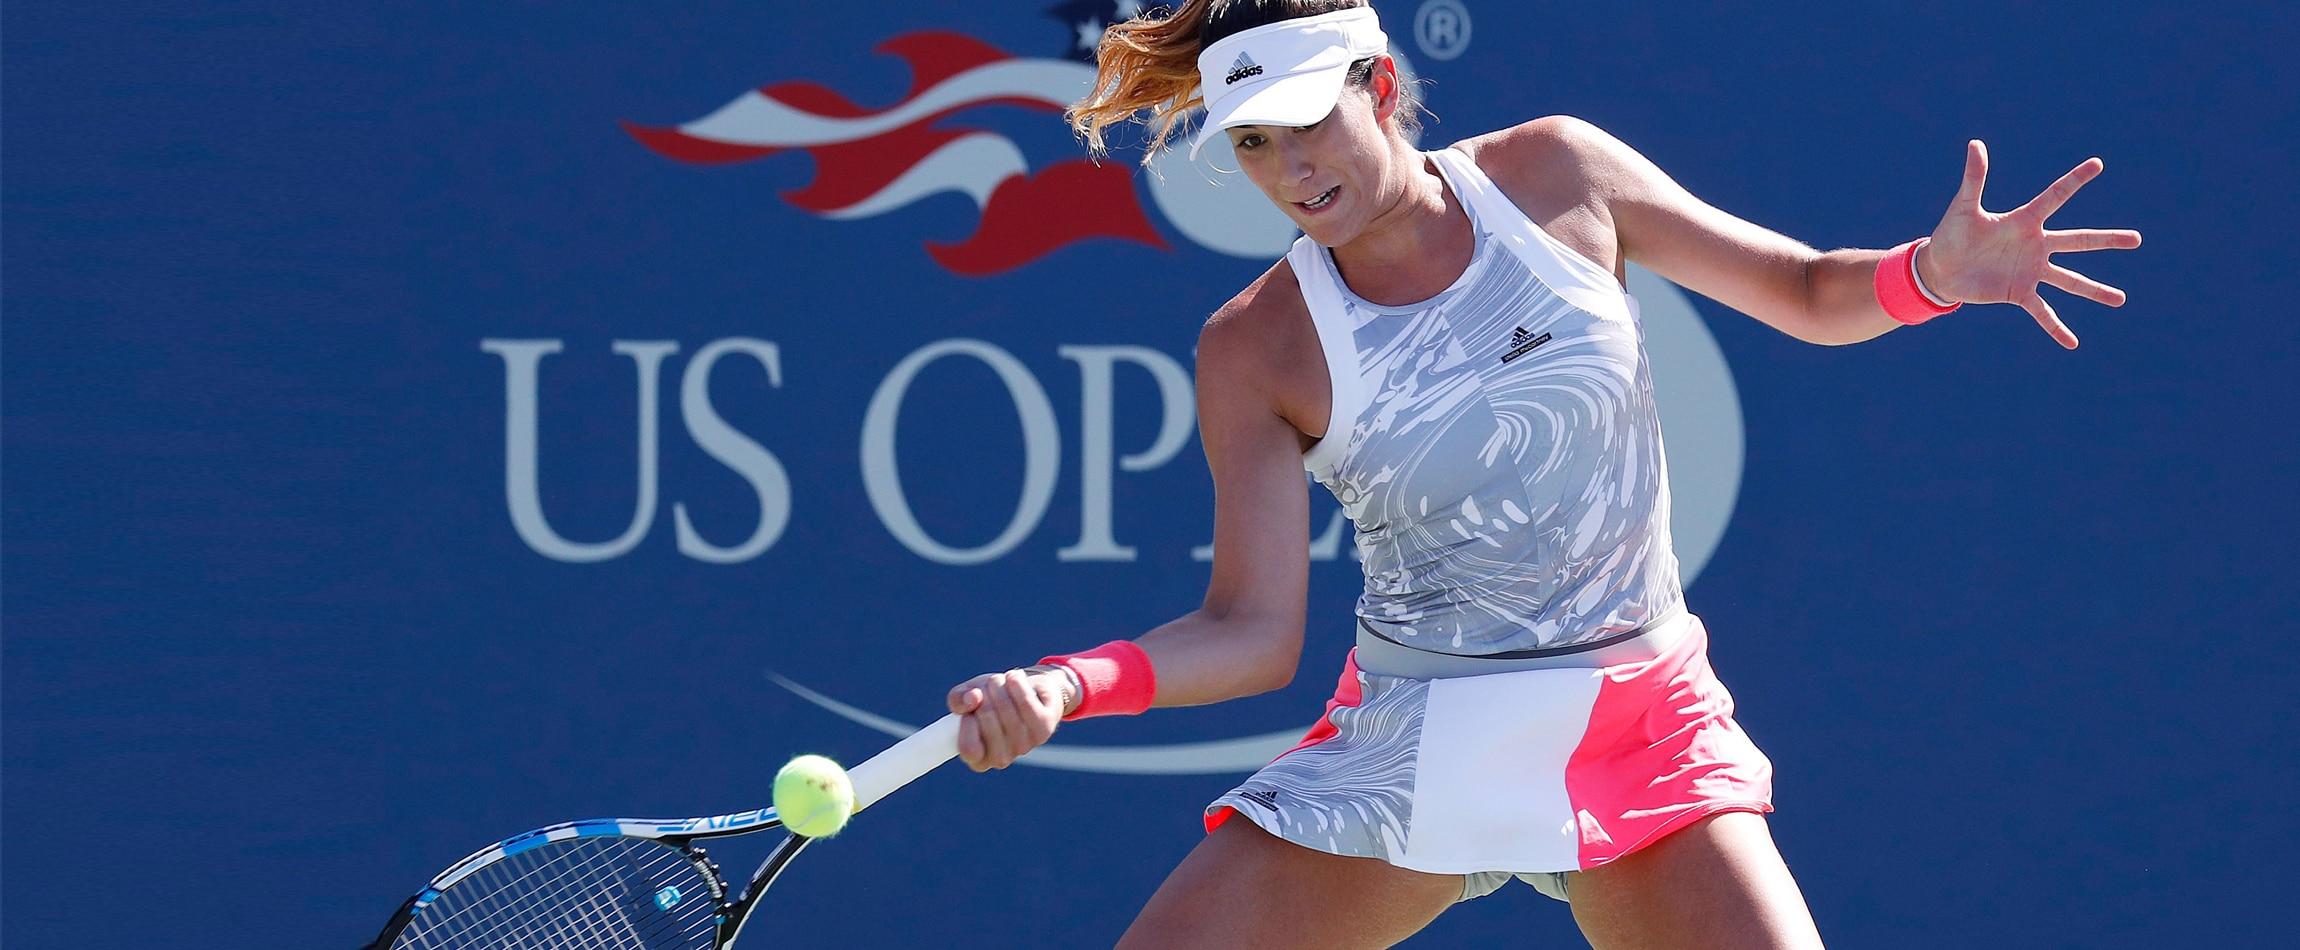 Garbiñe Muguruza prepara el US Open 2017